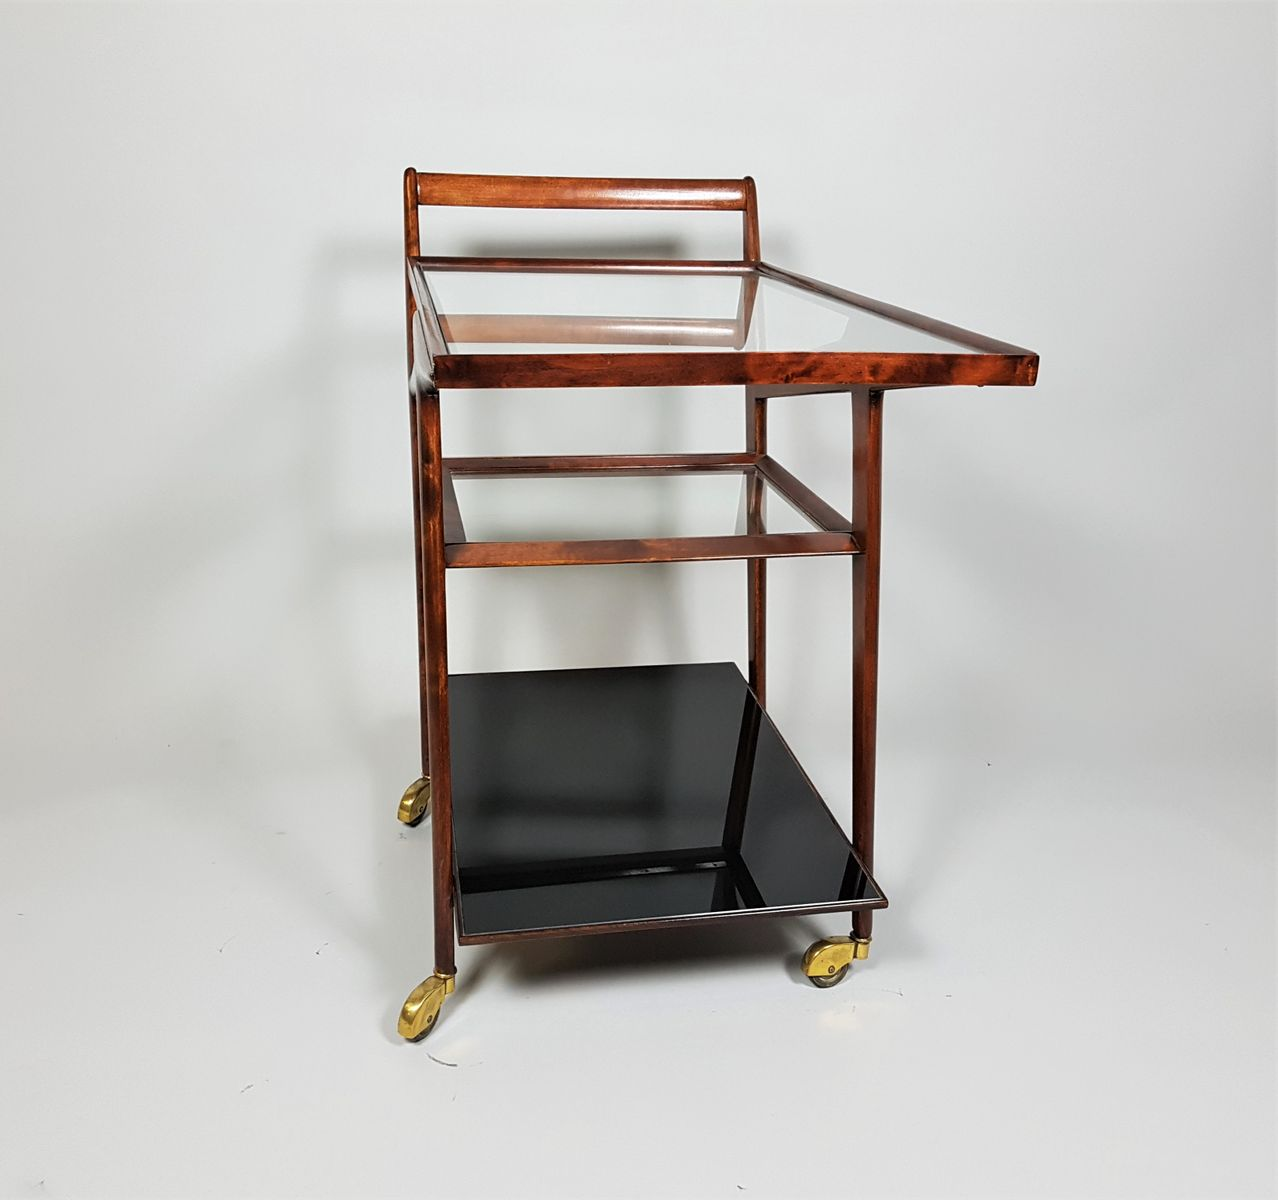 bunbinga holz servierwagen von cesare lacca bei pamono kaufen. Black Bedroom Furniture Sets. Home Design Ideas